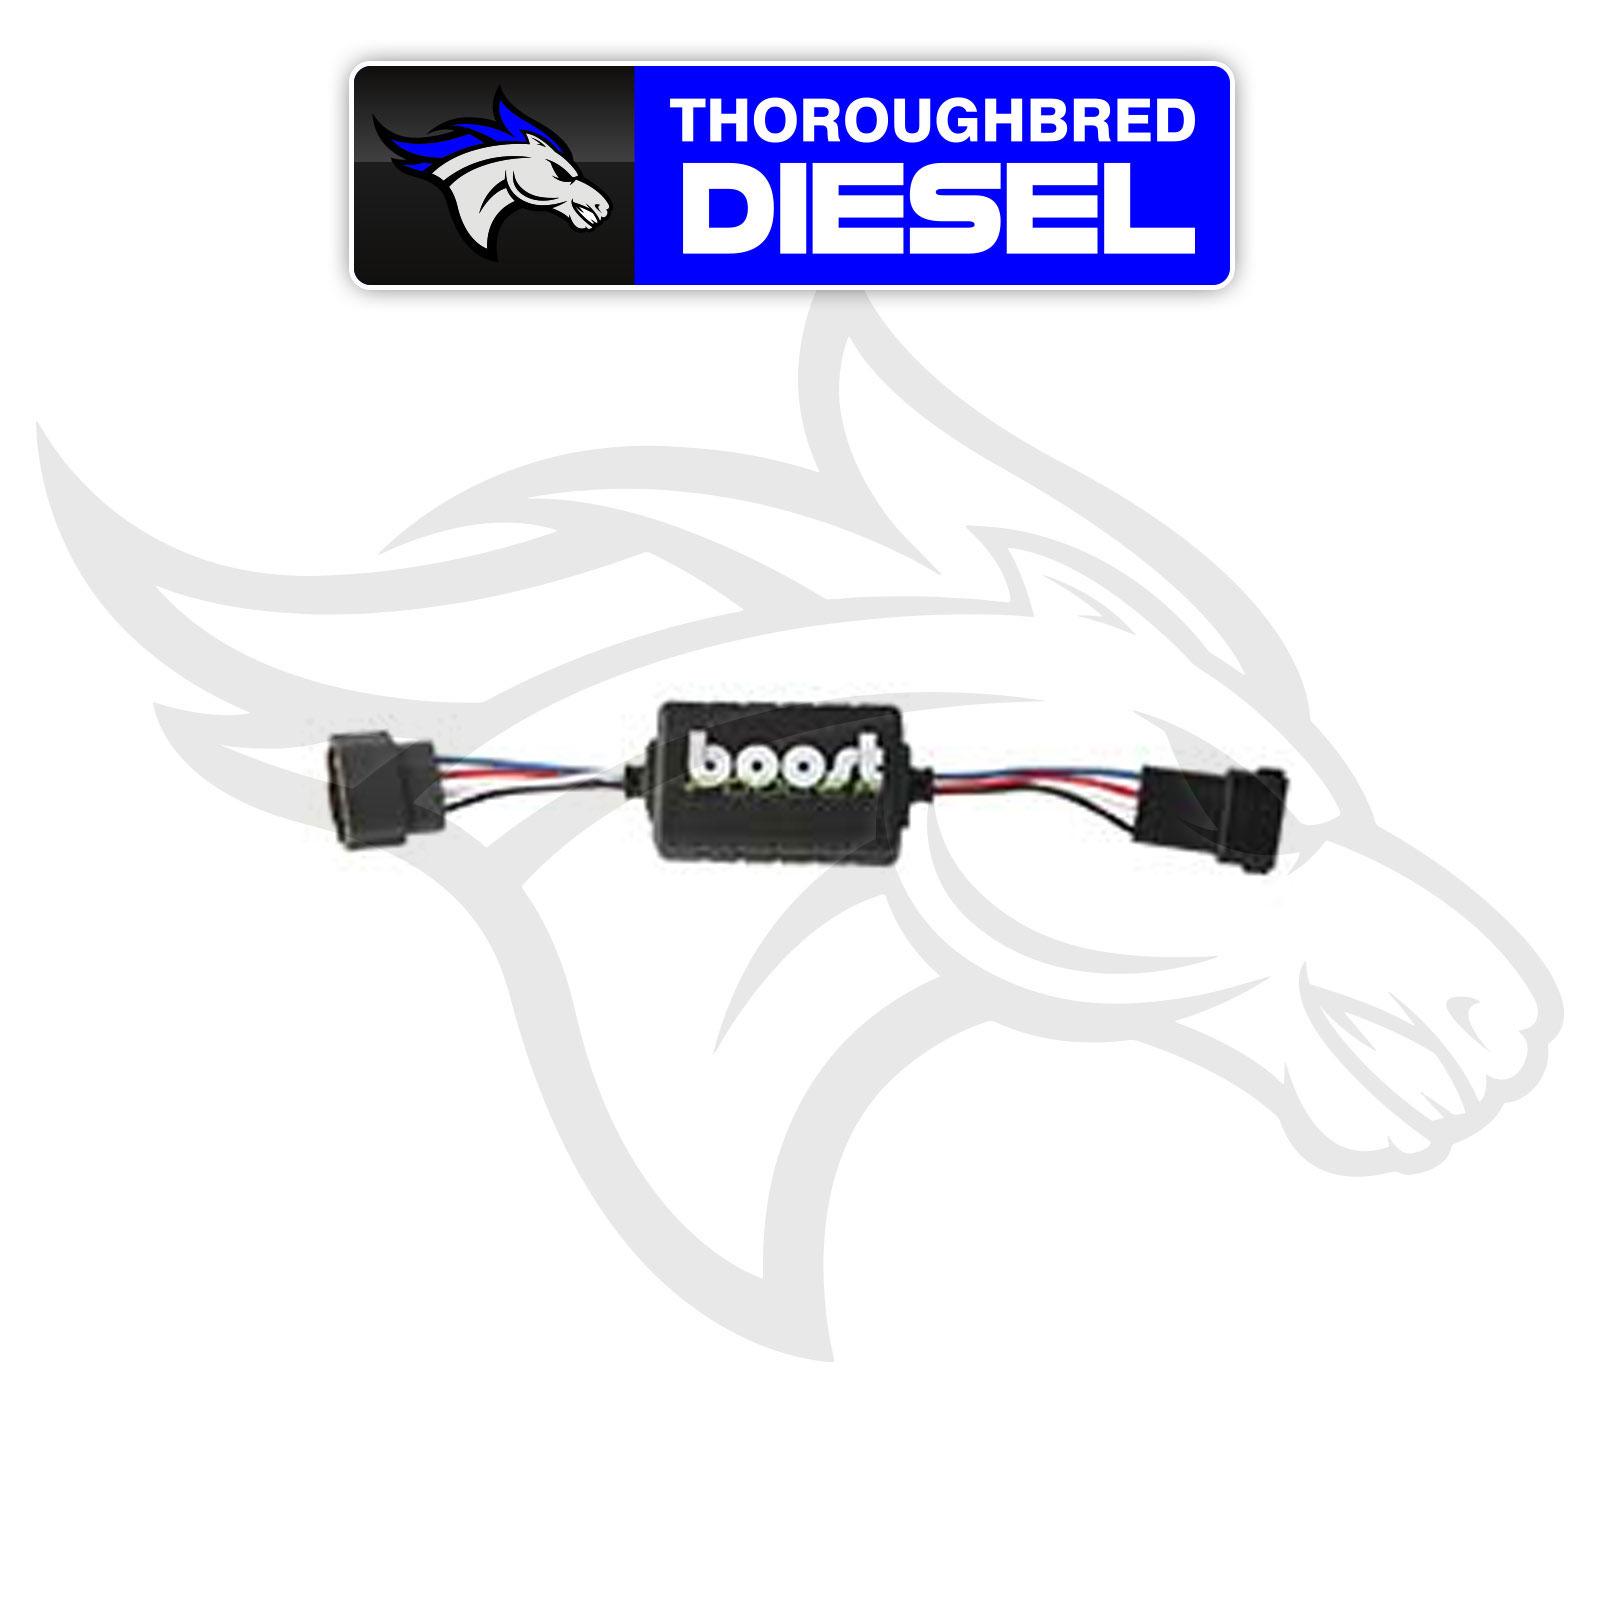 Quadzilla Boost Fooler for RAM Cummins 6.7L 2007.5-2015 Dodge Diesel DBSTF67L